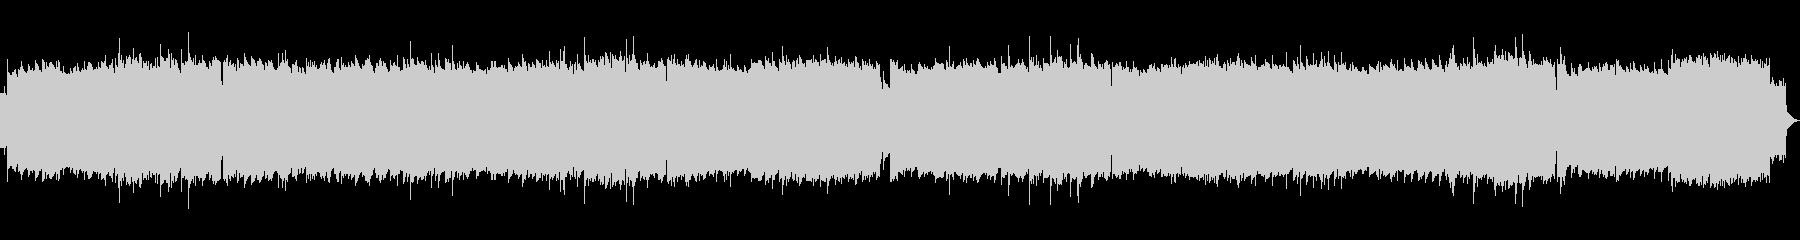 ファミコン風 8bit タイトル画面の未再生の波形